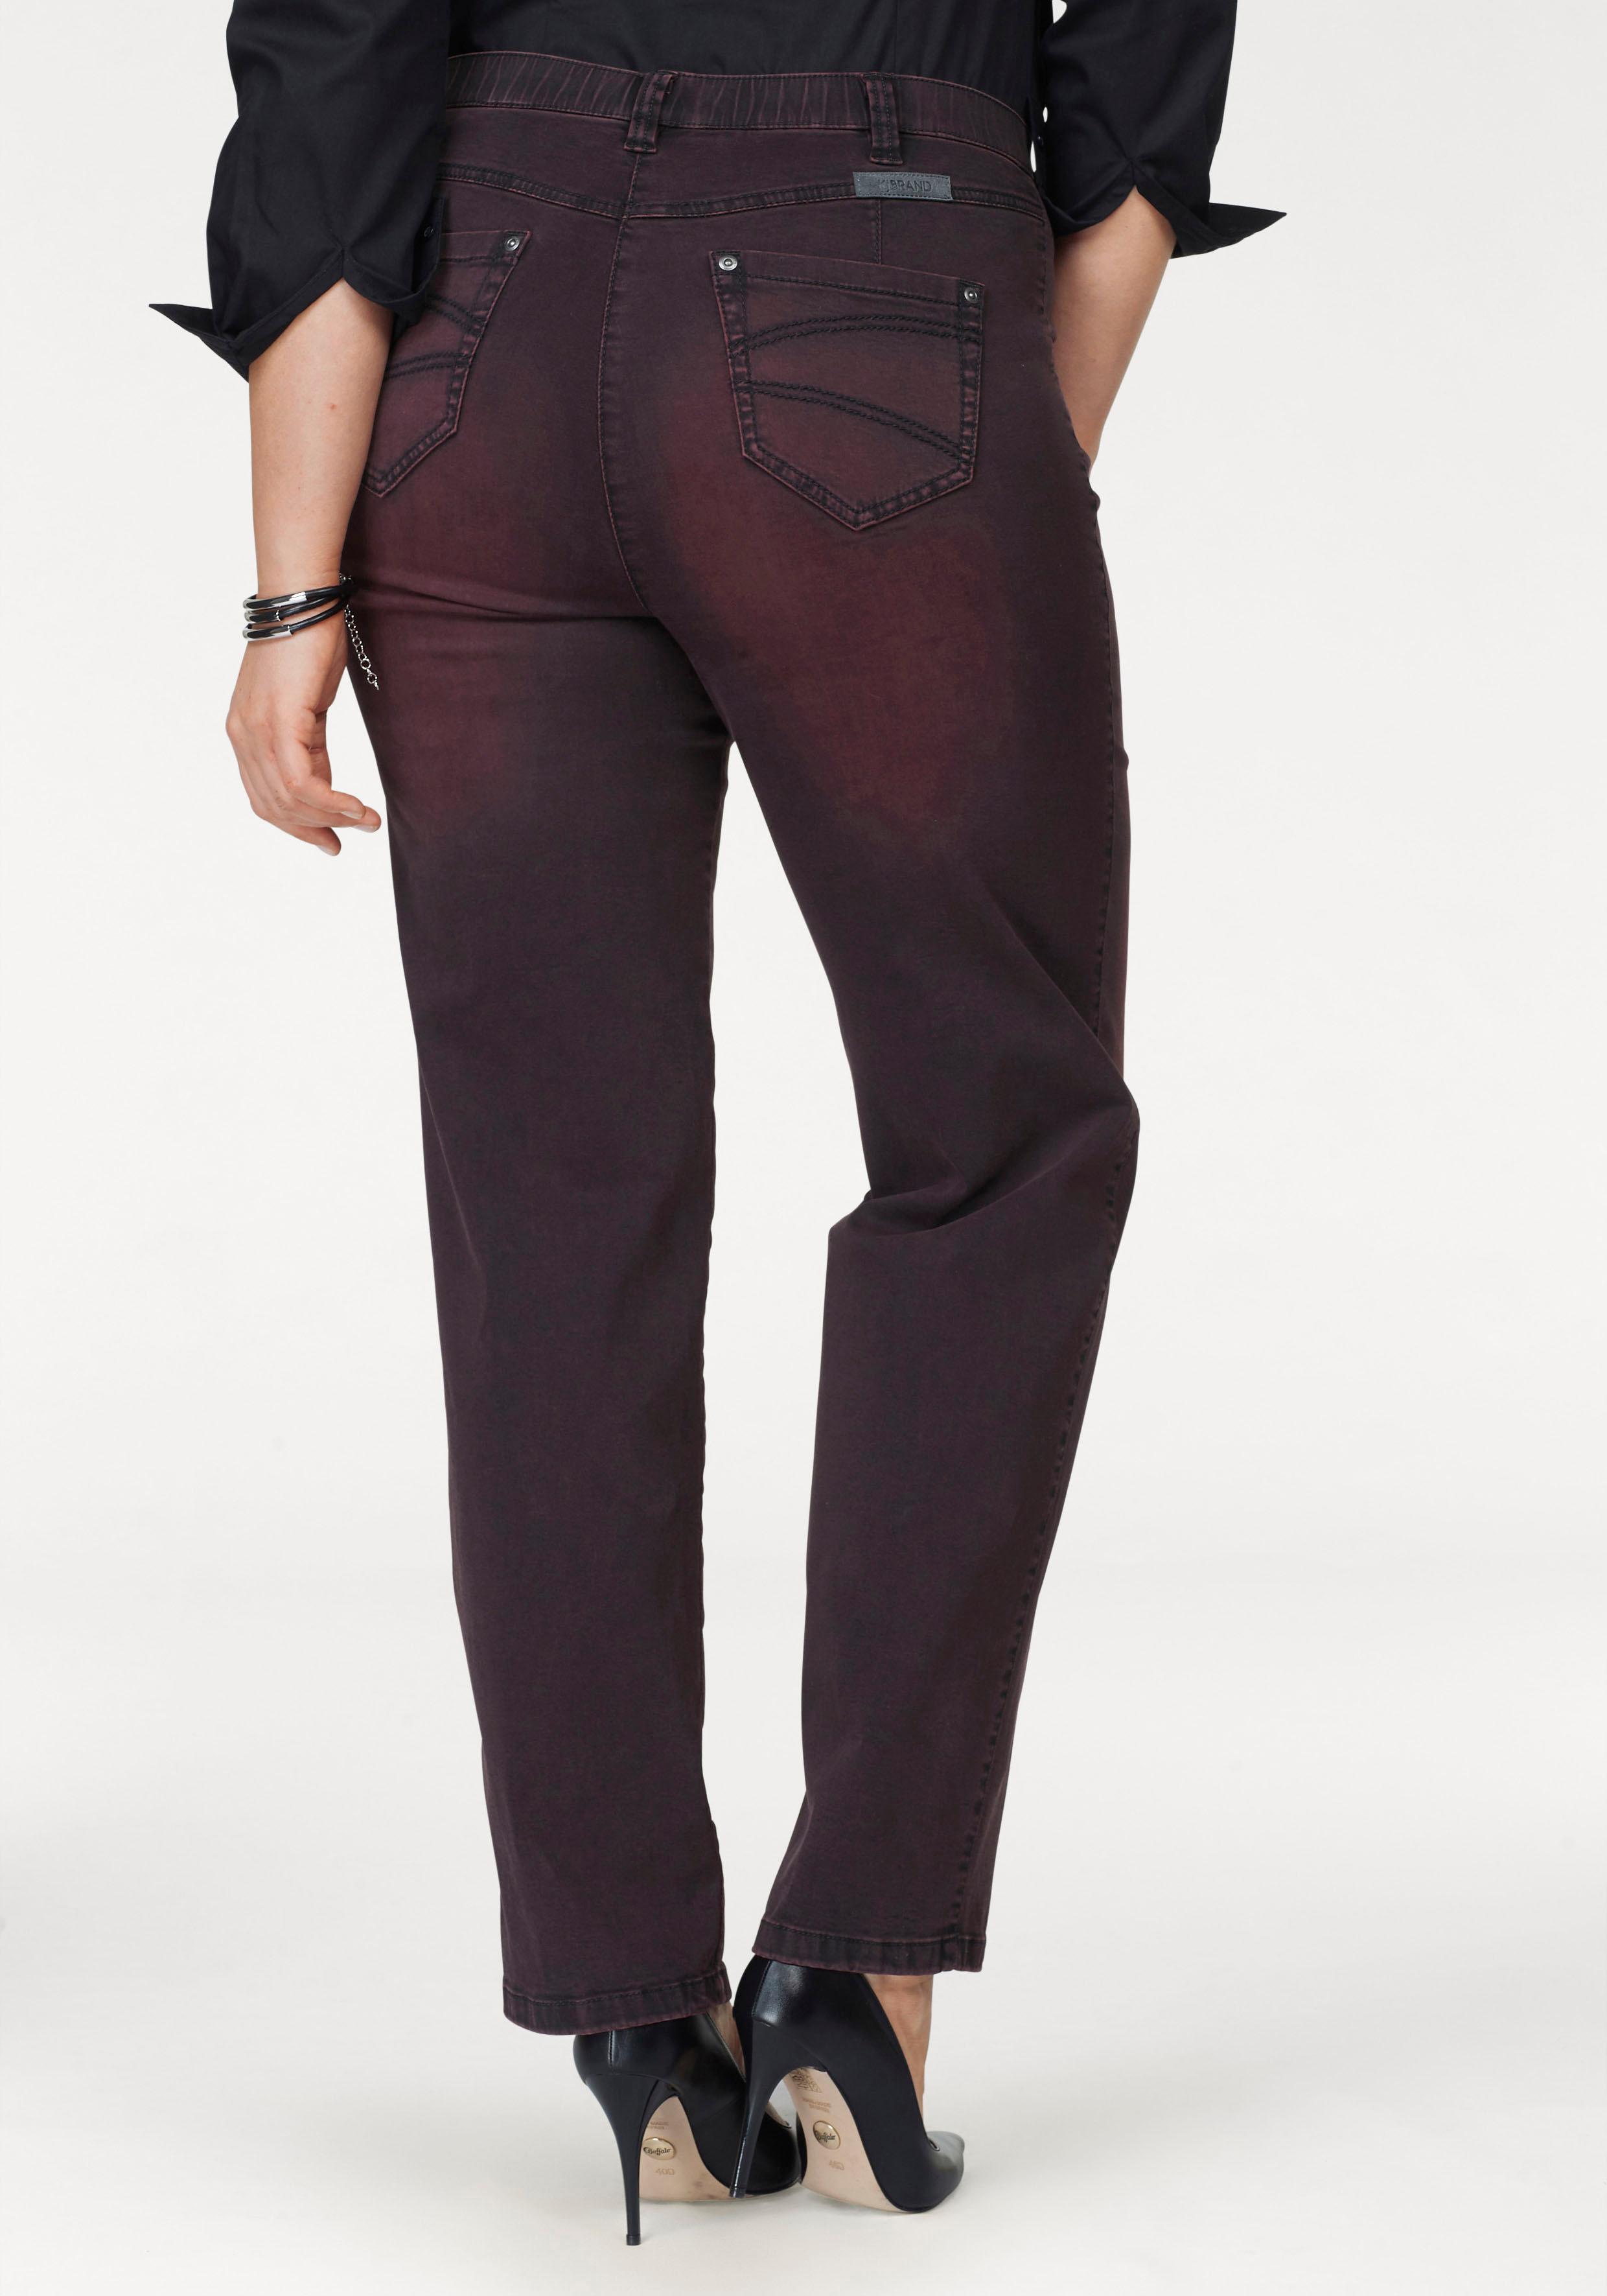 8aa62b64f6f5 KjBRAND Straight-Jeans »Babsie« bestellen   BAUR